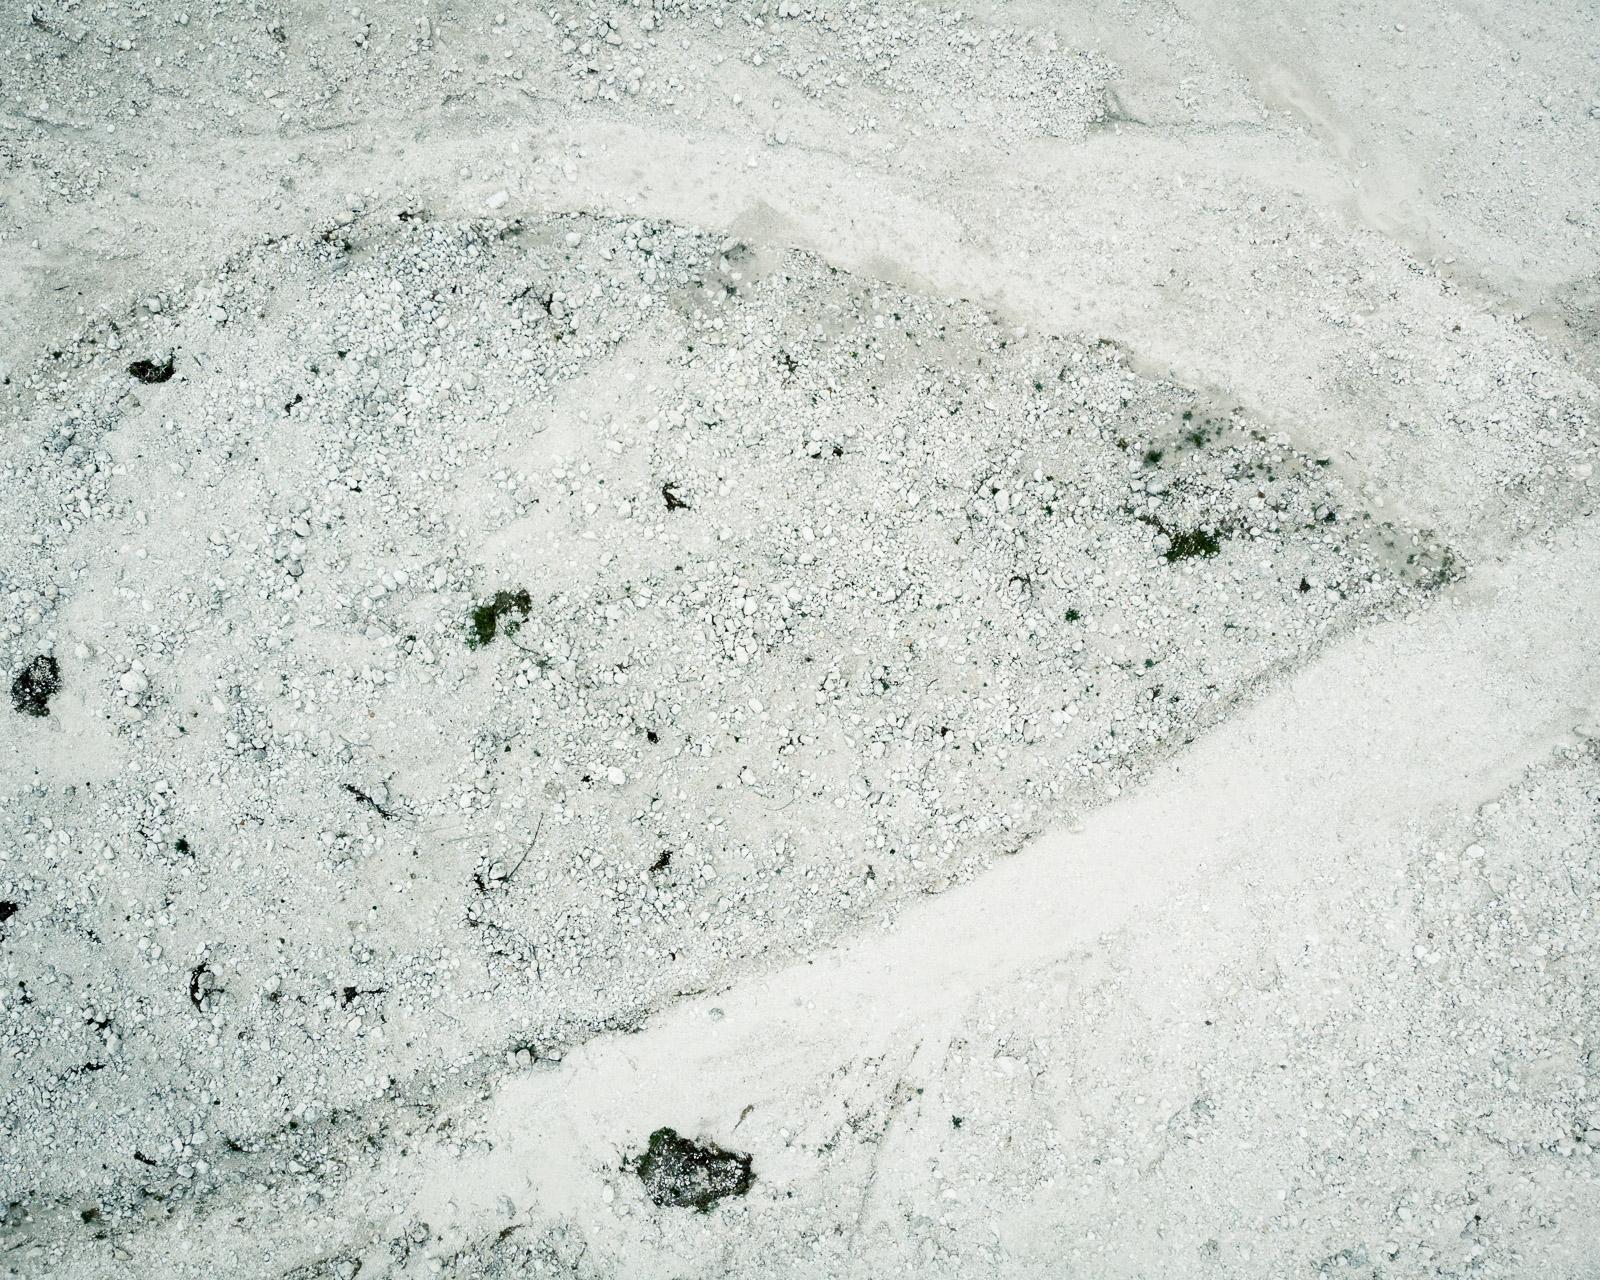 Piana alluvionale, Pian delle Comelle, Canale d'Agordo (BL) (46.295101°, 11.863149°)